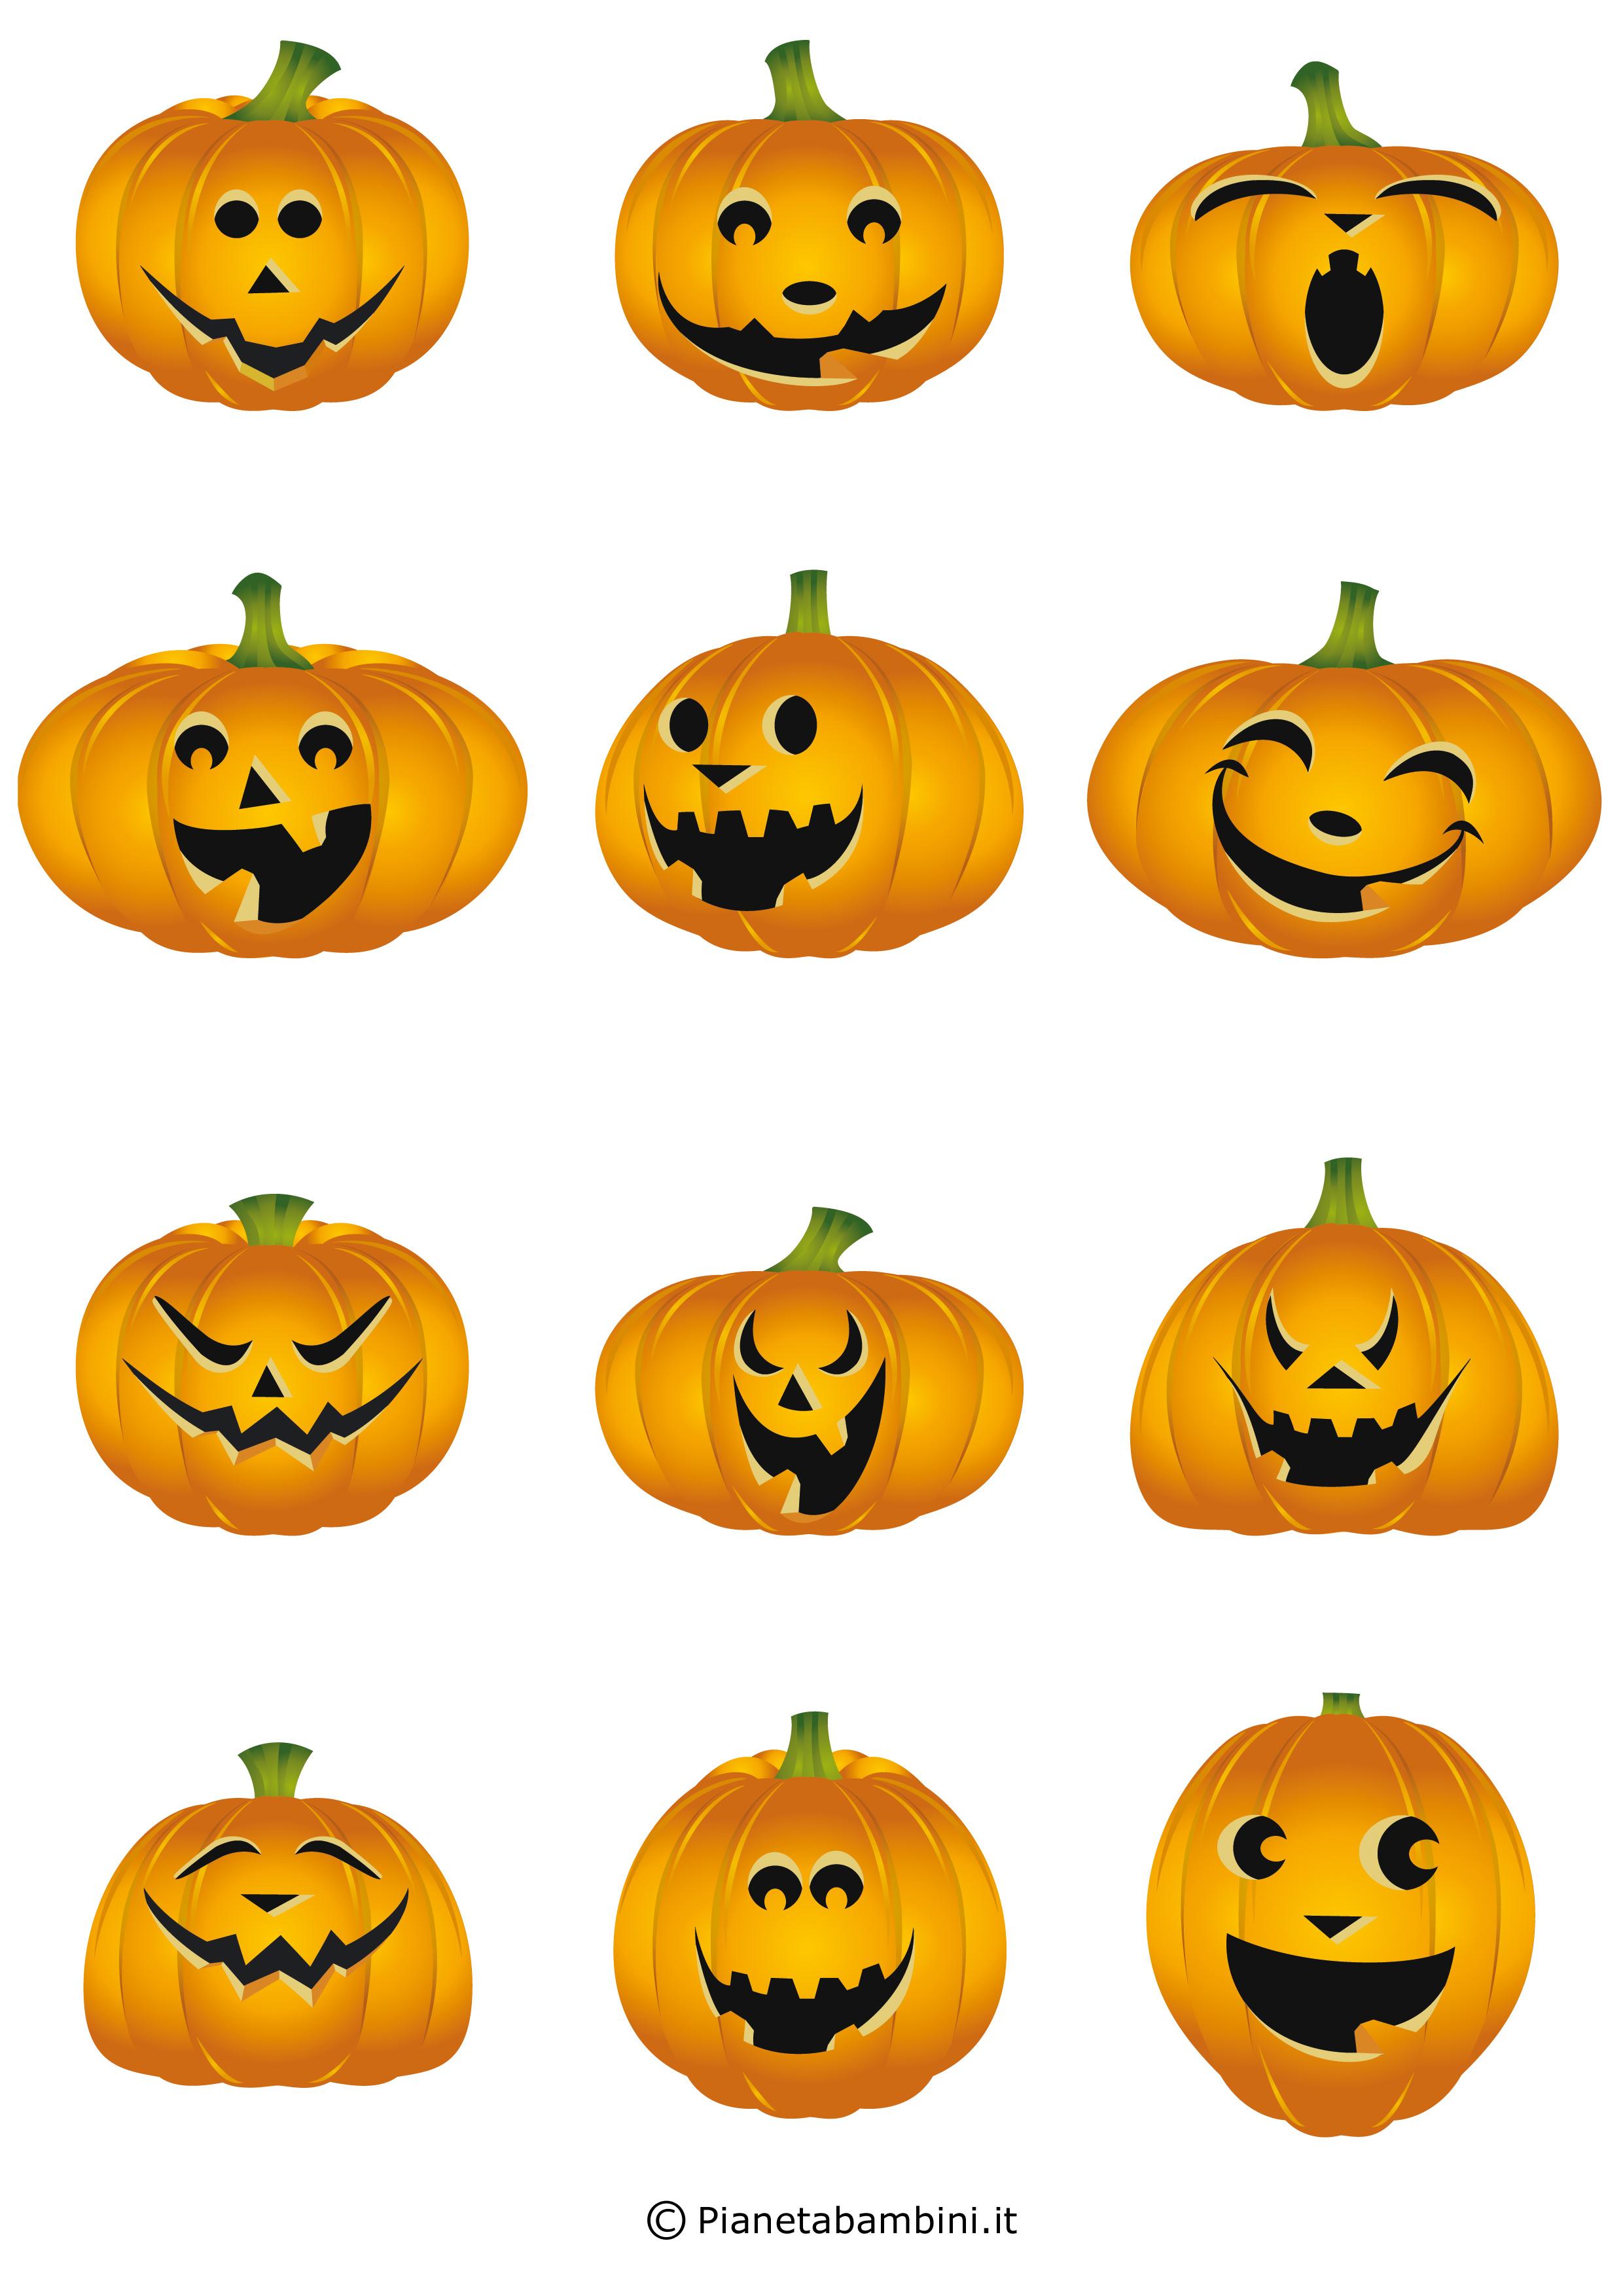 Immagini di zucche di halloween da stampare e ritagliare for Disegni da stampare colorare e ritagliare